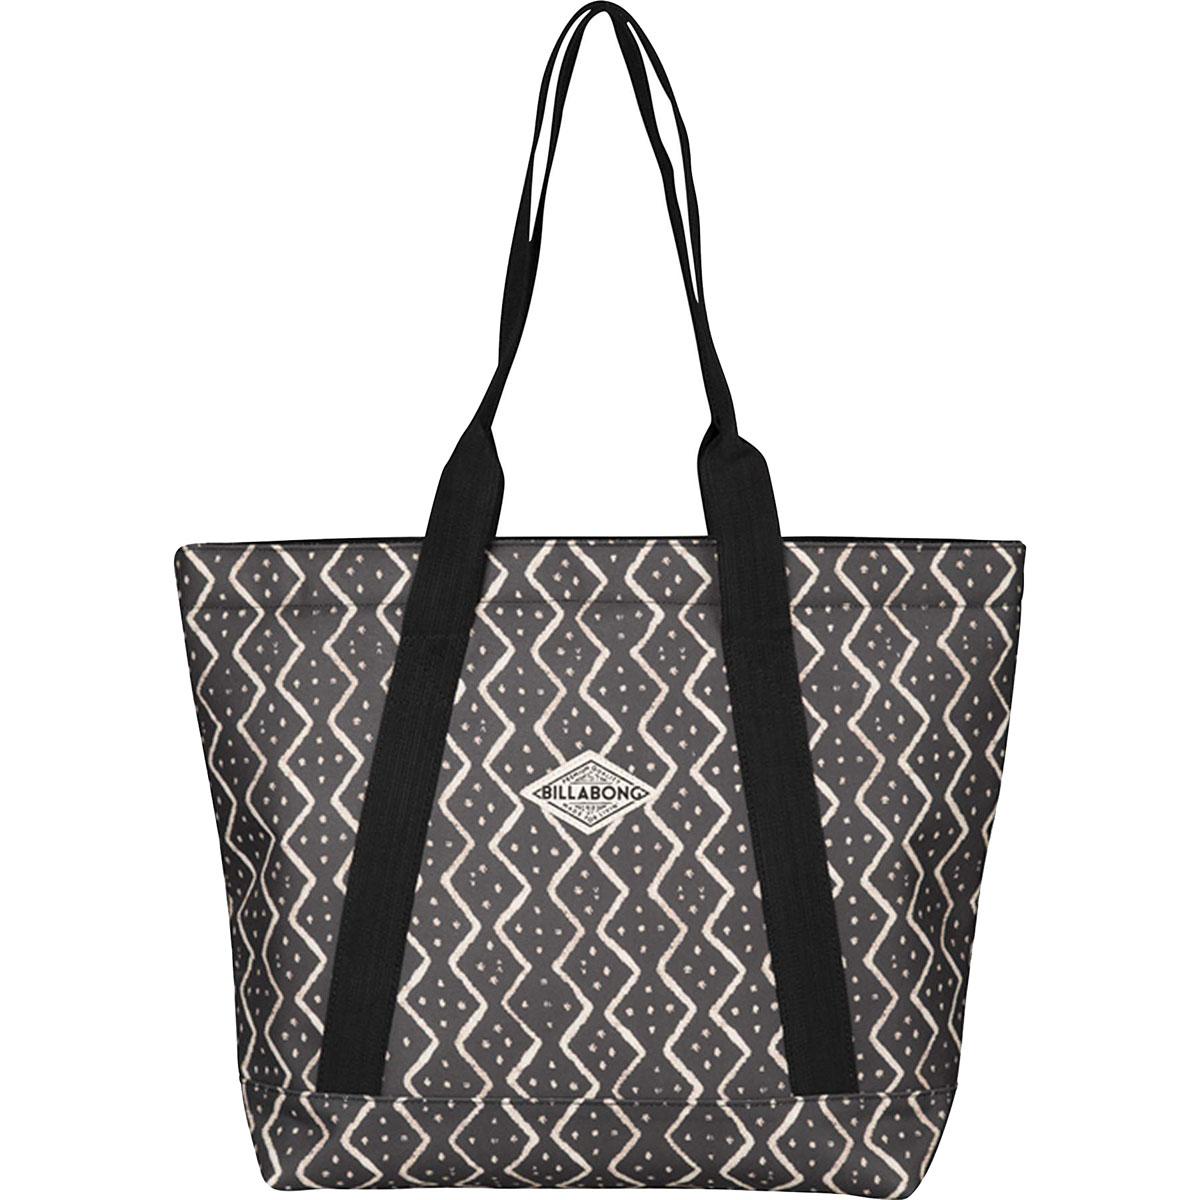 Сумка женская Billabong Erasun, цвет: черный, 20 л. Z9BG01Z9BG01Вместительная сумка Billabong Erasun, обеспечивающая такую же вместимость, что и любимая пляжная сумка, но предлагающая городской функционал. Застежка на молнии сохранит все Ваши вещи в целости, а внутренний карман и отсек для ноутбука позволят правильно организовать пространство для переноски вещей.